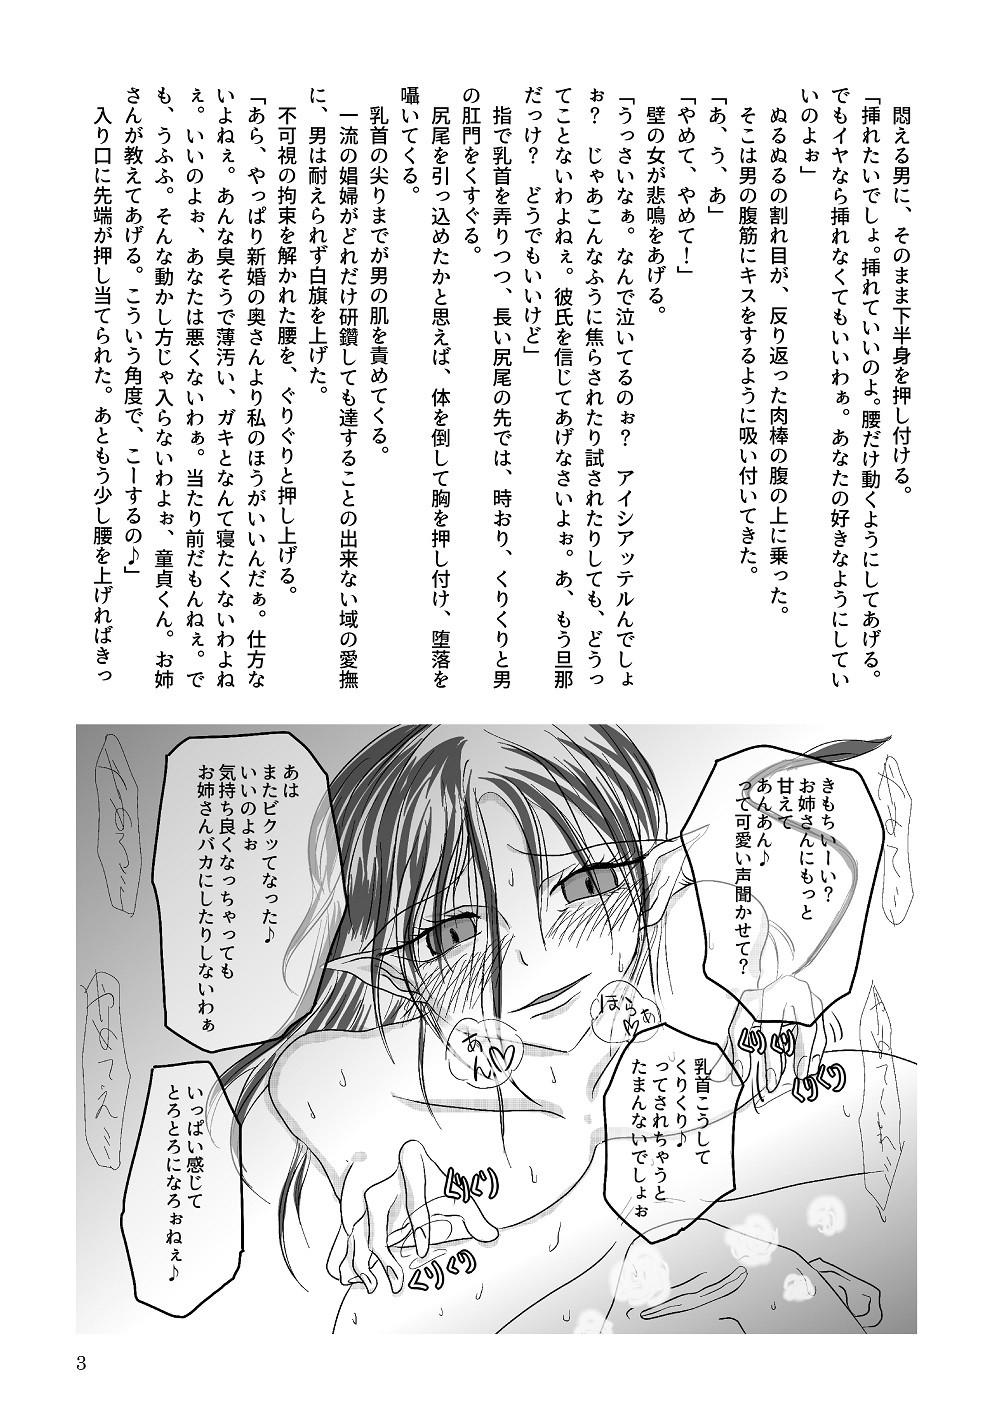 【雨読六畳 同人】淫魔姫マーズベル屈辱の粗ちんふたなり化敗北記録